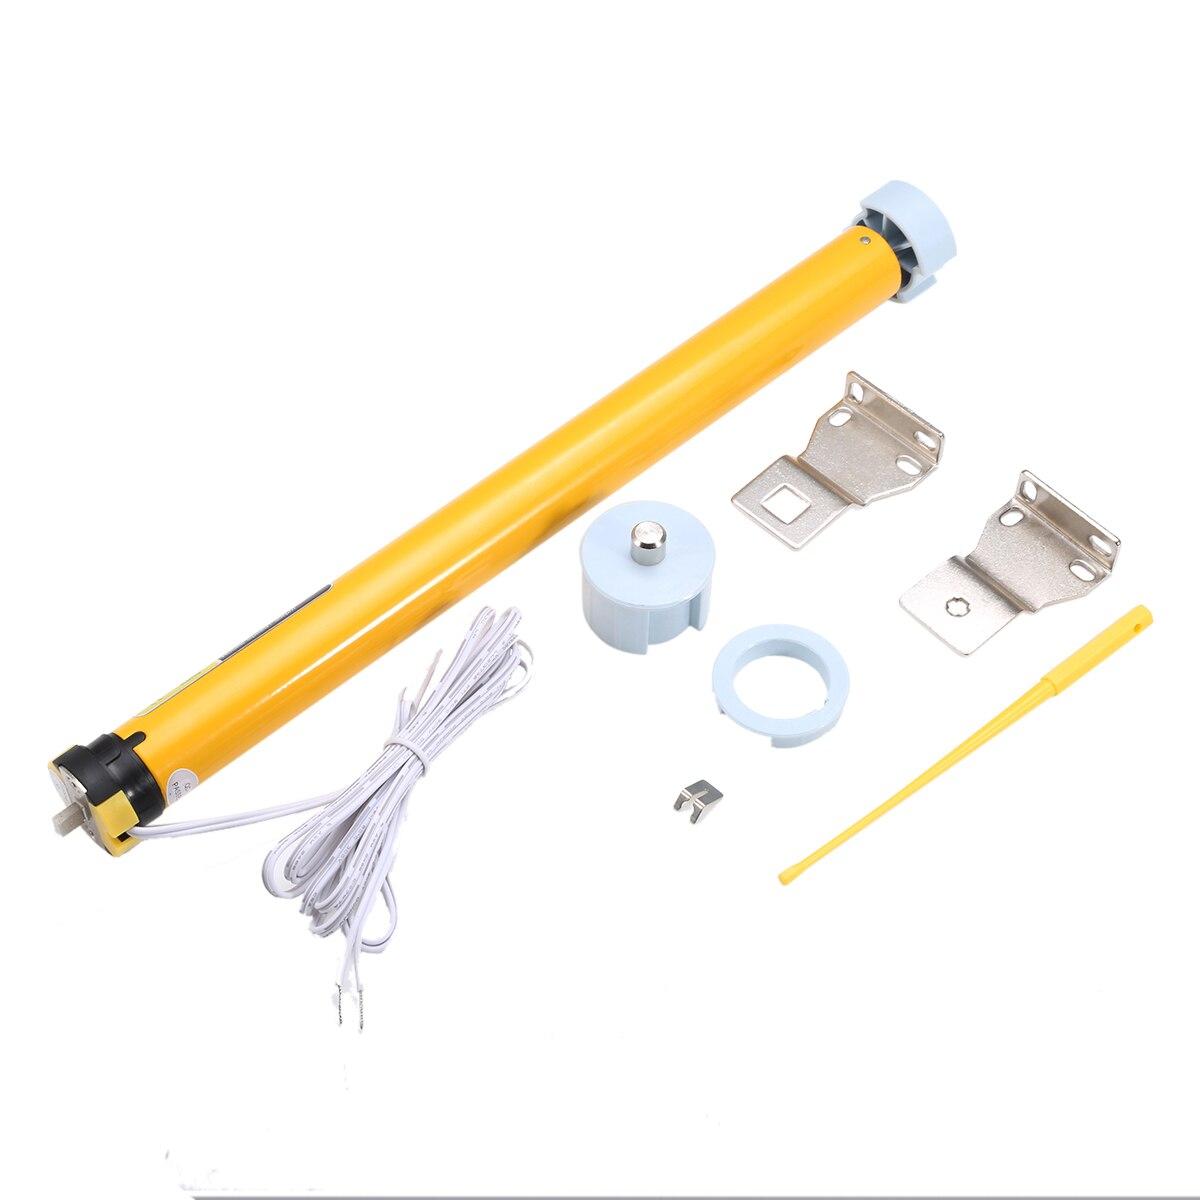 Bricolage Électrique Rouleau De Rideaux DC 12 V 30 TR/MIN Électrique Stores Moteur Tubulaire pour Volets Roulants Avec Hoder Kit